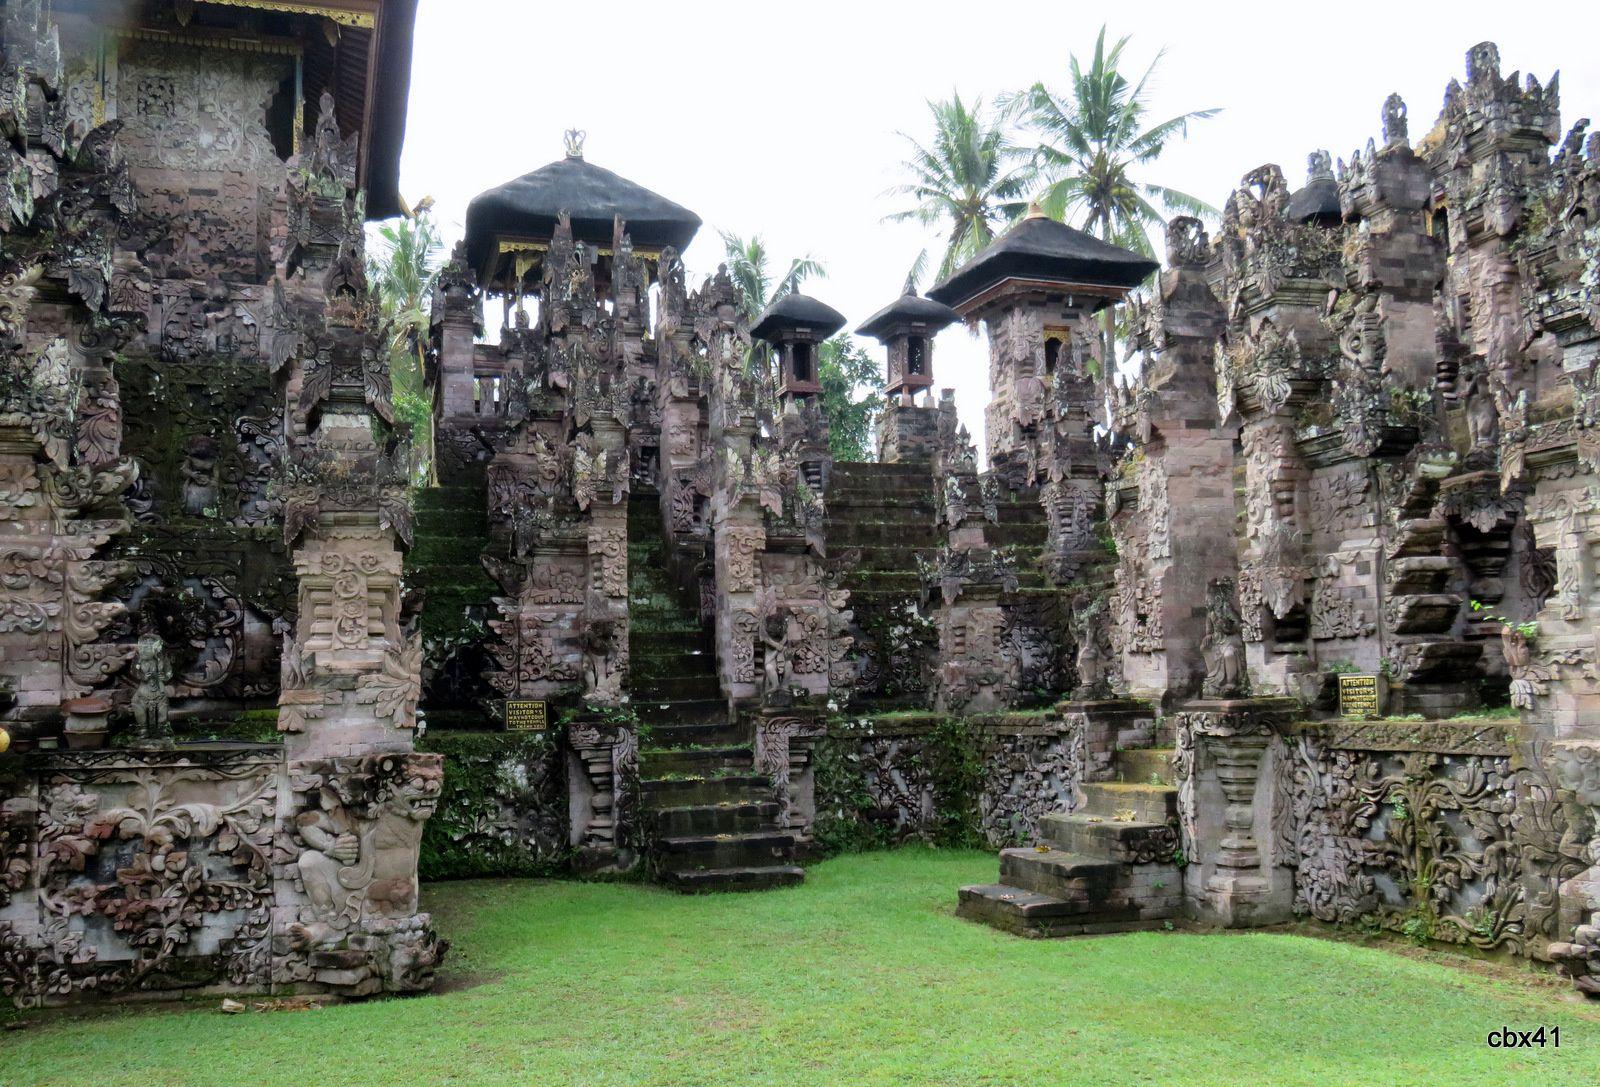 Le temple Pura Beji, le sanctuaire principal (Bali, Indonésie)